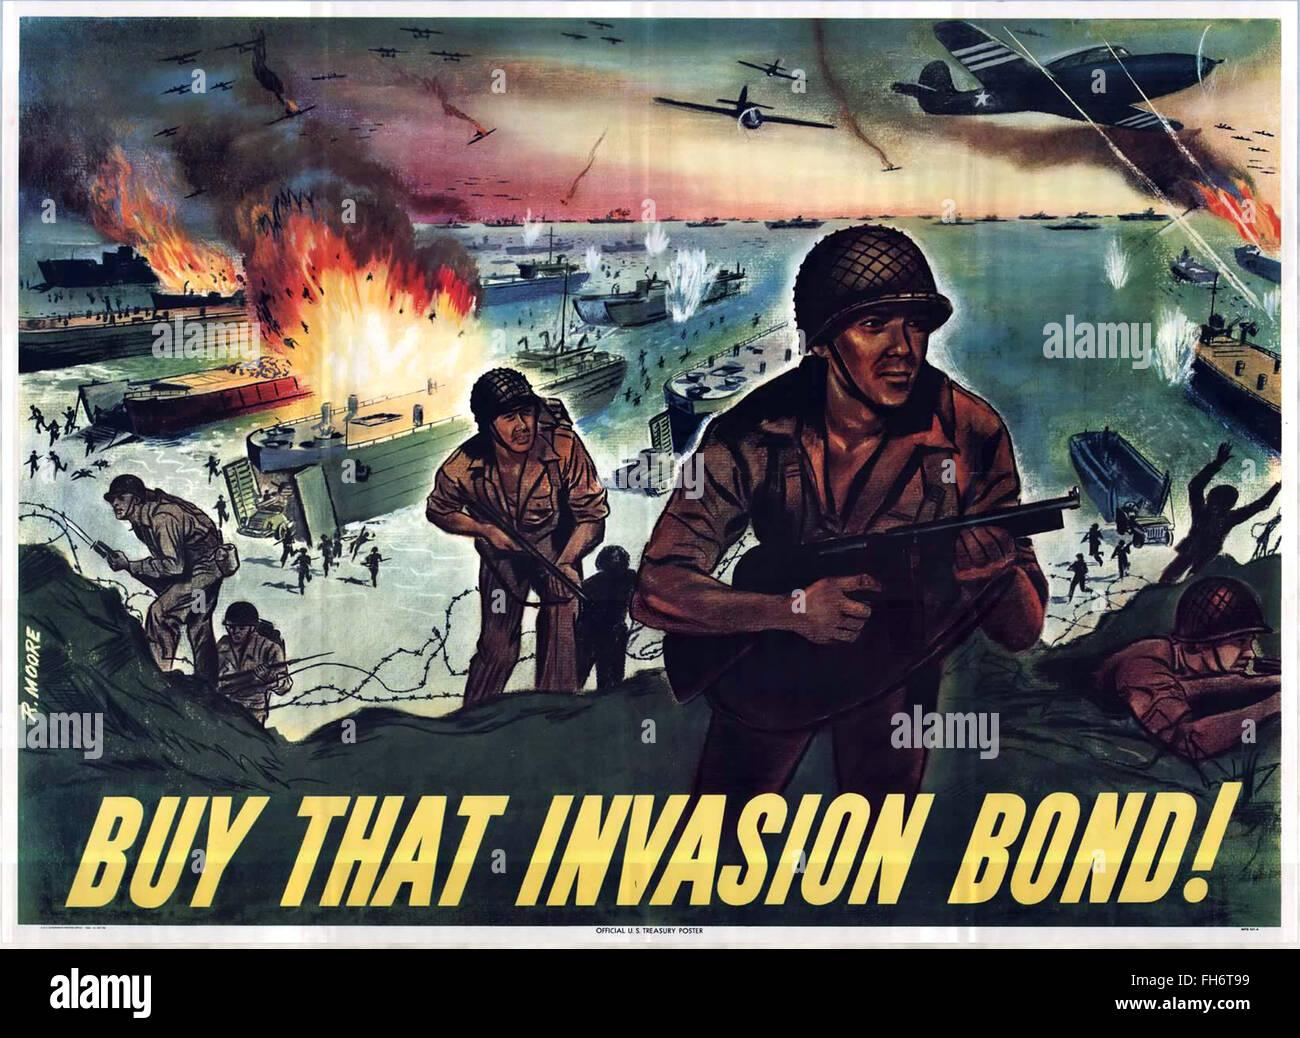 Normandia - acquistare quel legame di invasione ! - Noi Propaganda Poster - SECONDA GUERRA MONDIALE Immagini Stock